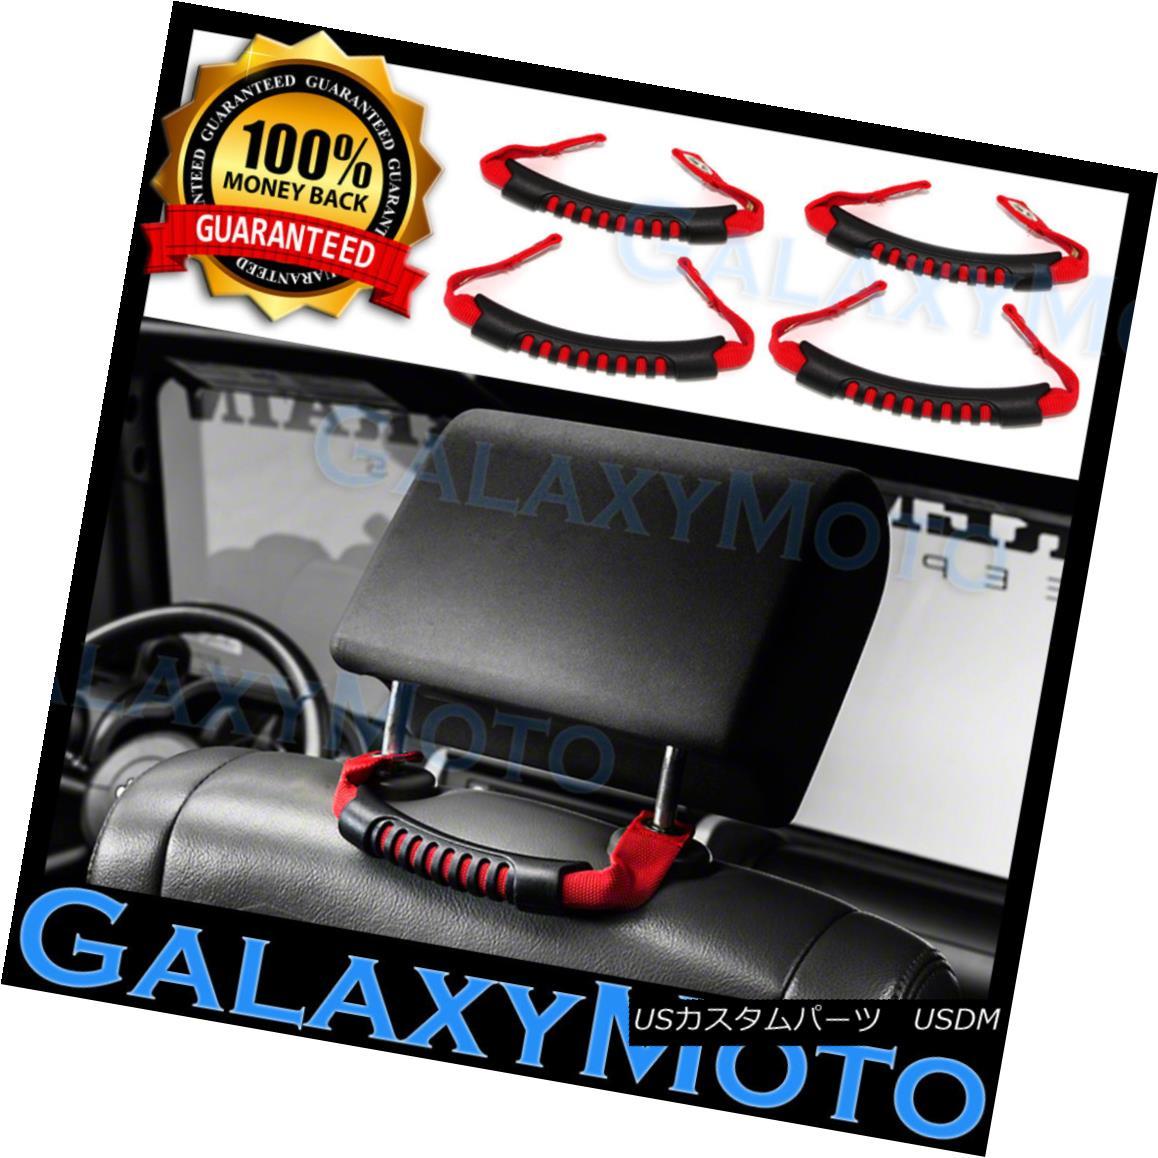 グリル RED Nylon Rear Side Grab Handle 4pcs for 07-18 Jeep Wrangler JK REDナイロンリアサイドグラブハンドル4本、07-18ジープラングラーJK用